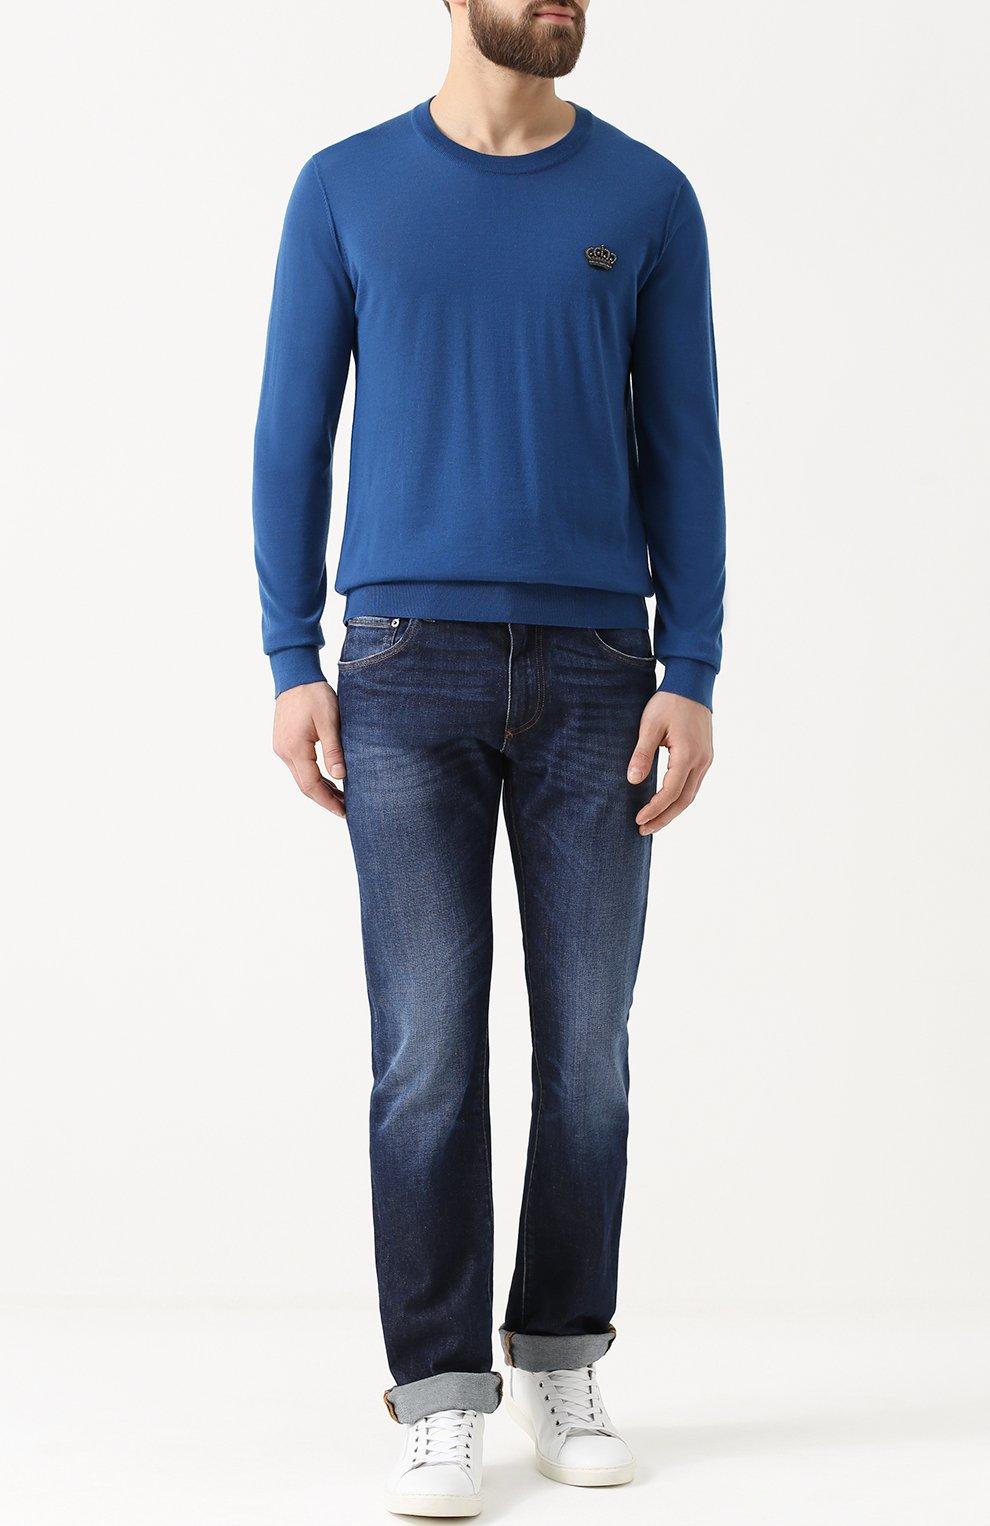 Кашемировый джемпер тонкой вязки с вышивкой на груди Dolce & Gabbana бирюзовый   Фото №2